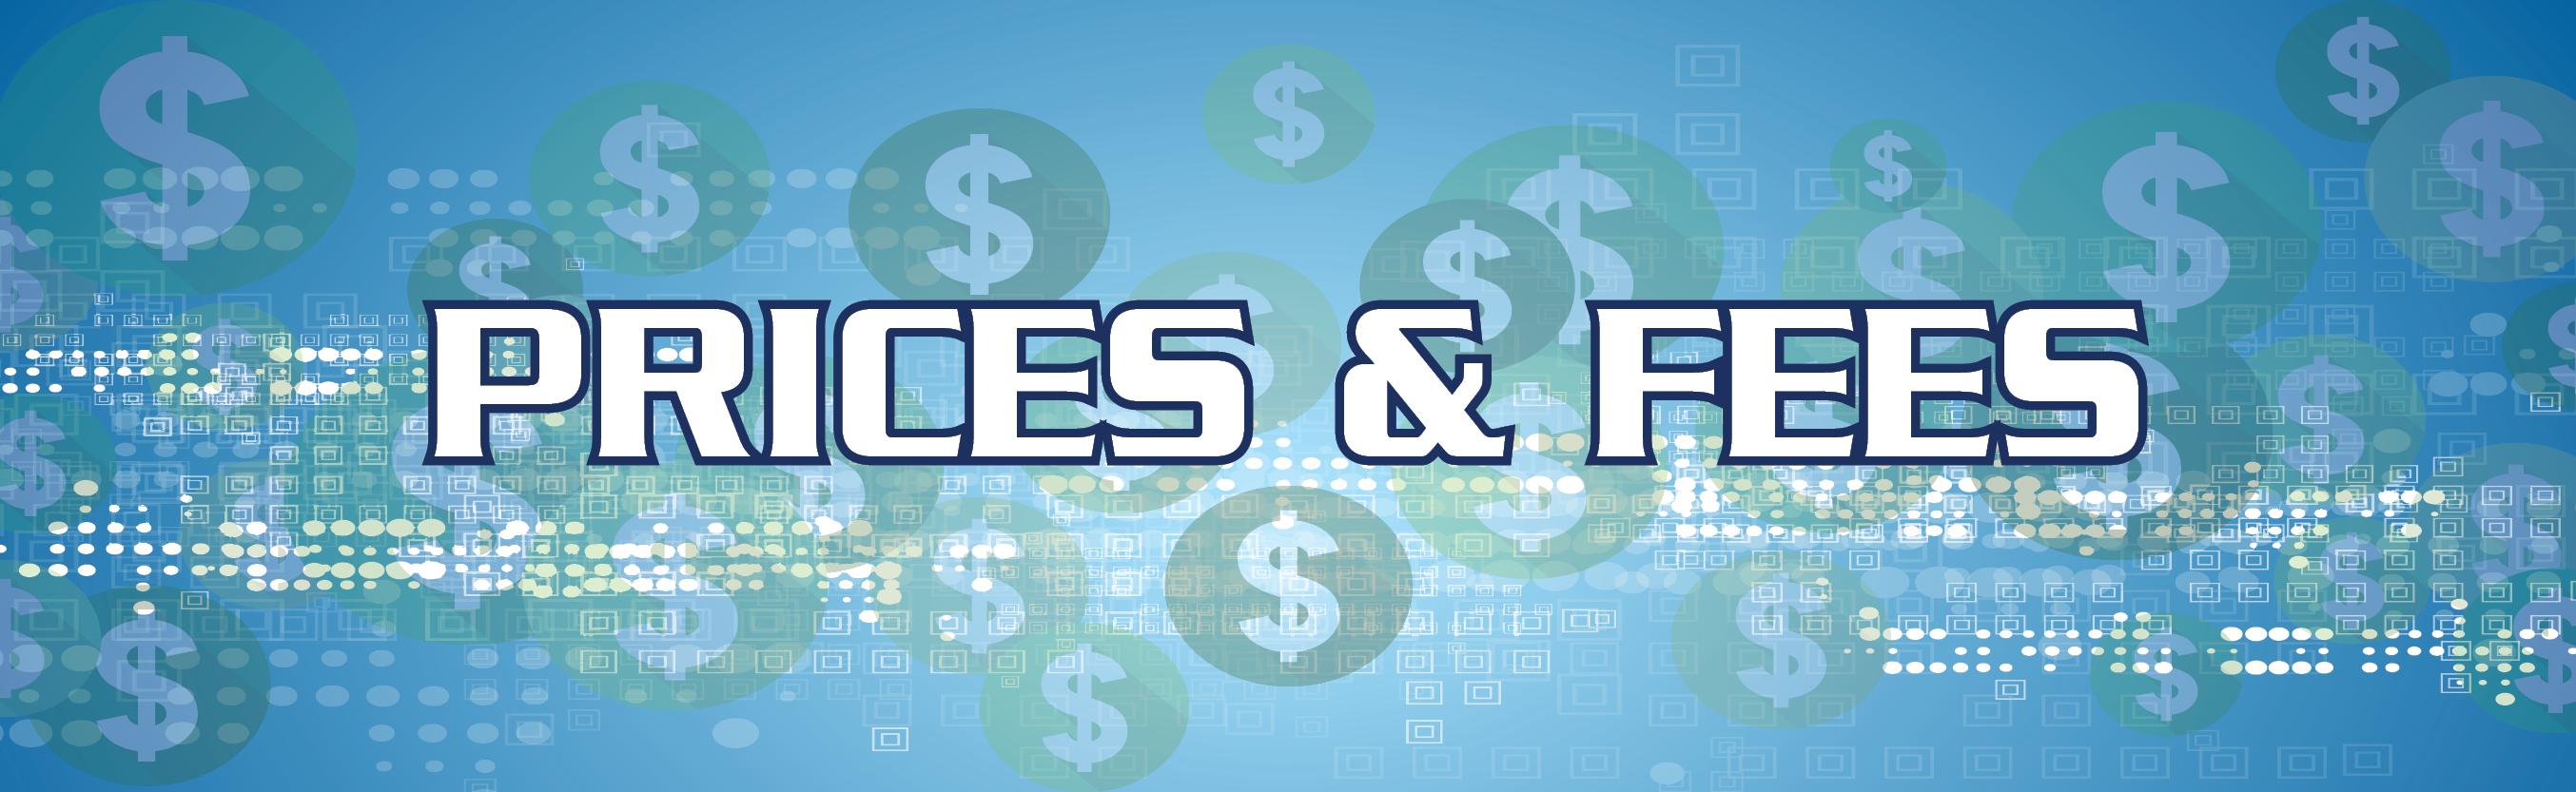 2021 - Website Headers (Pricing)